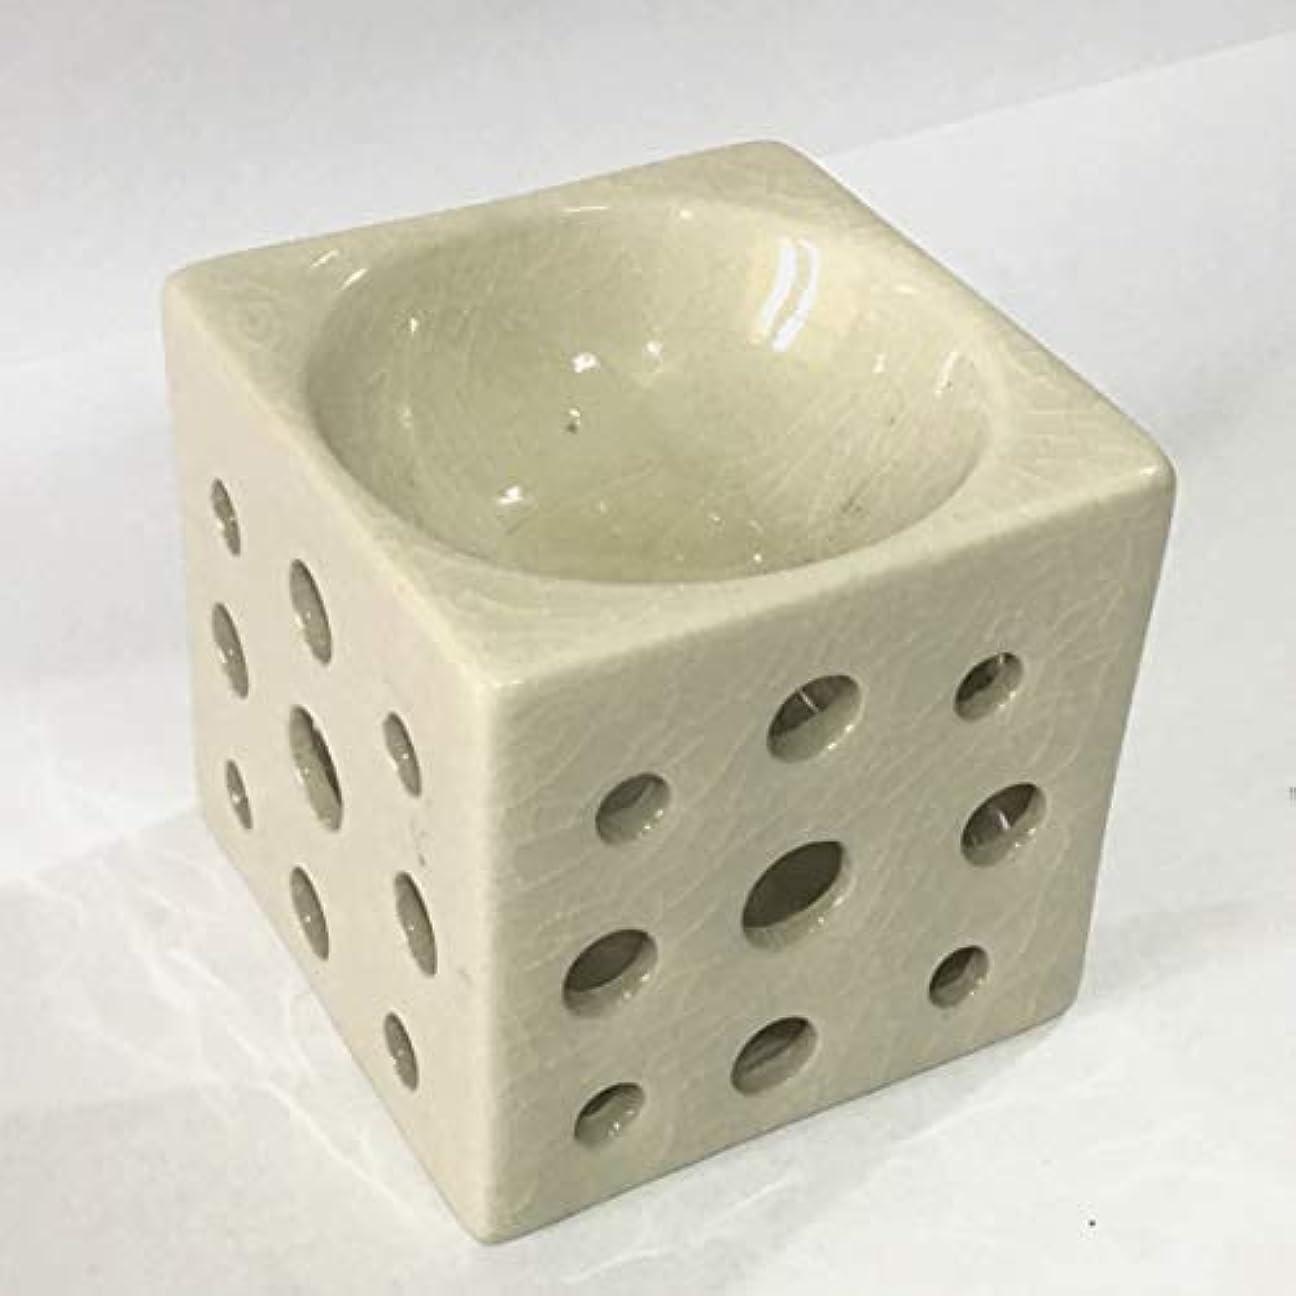 リズム中性お風呂アロマポット 角型(白) 香炉 陶器 アロマ炉 キャンドル式 オイルバーナー